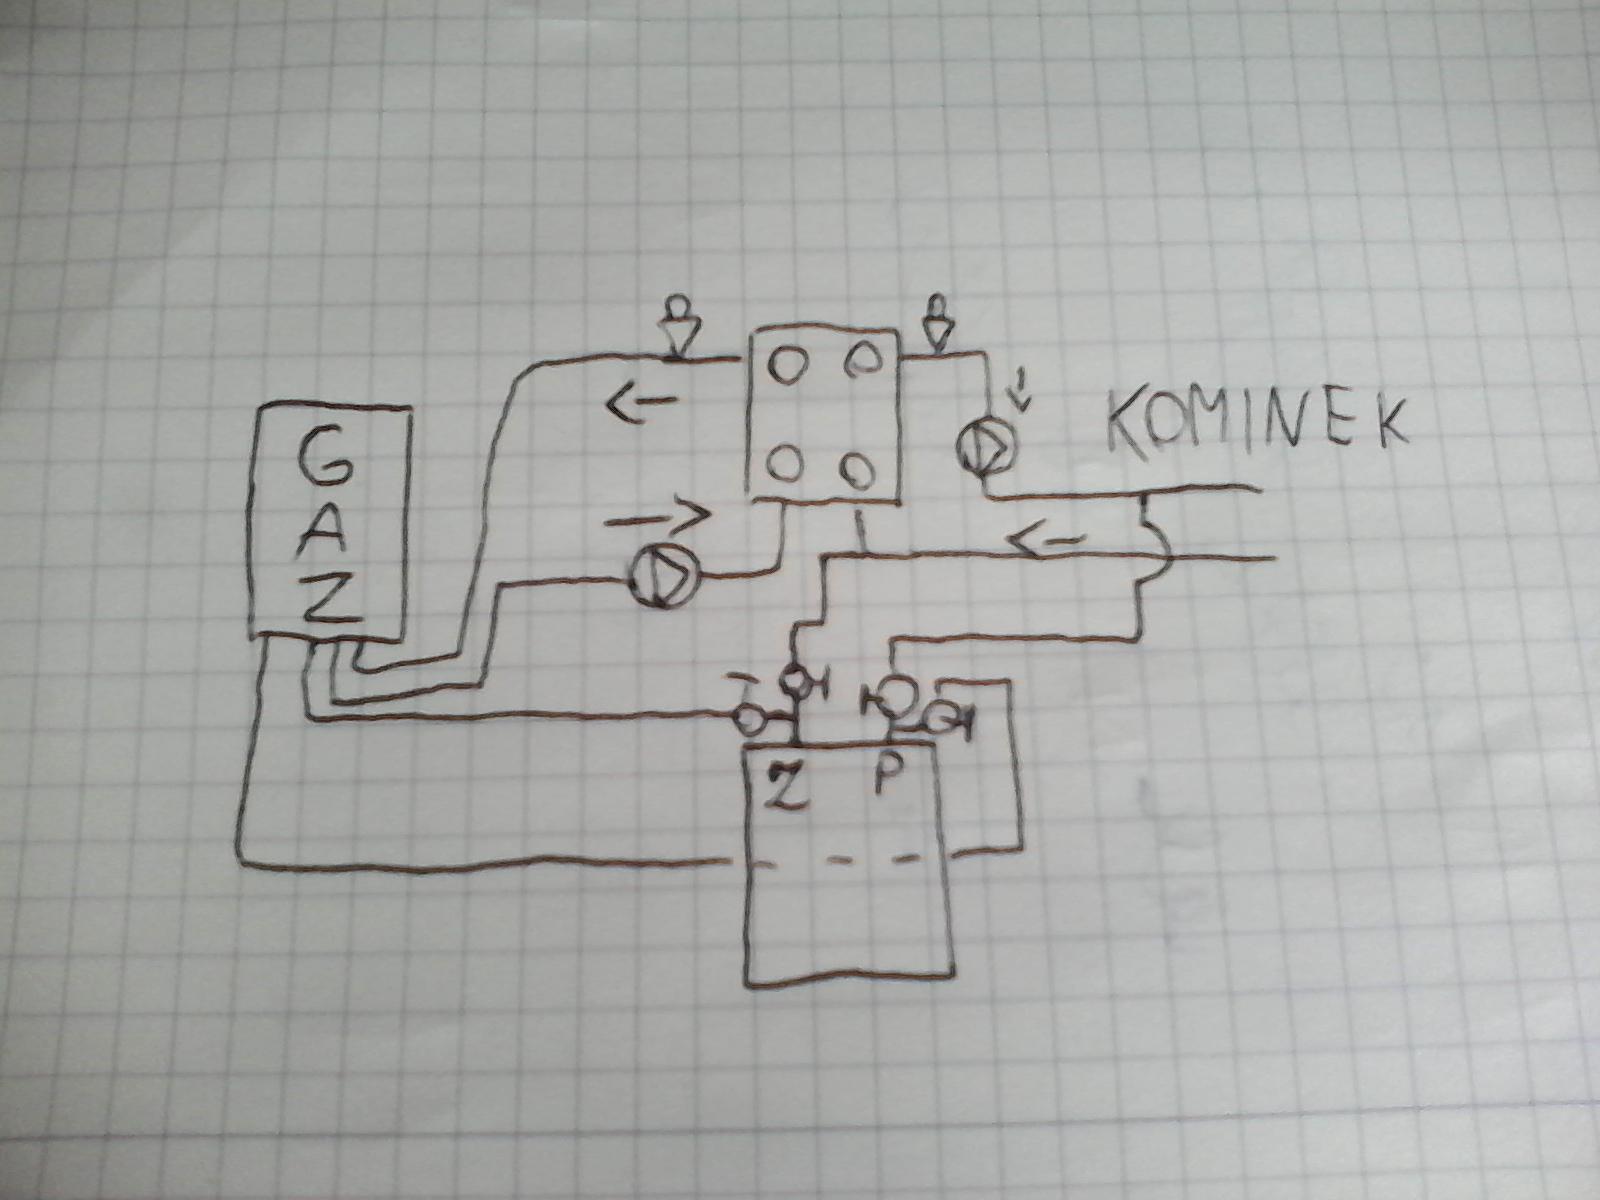 Czy/Jak mo�na pod��czy� CWU do p�aszcza kominka z instalacj� CO?